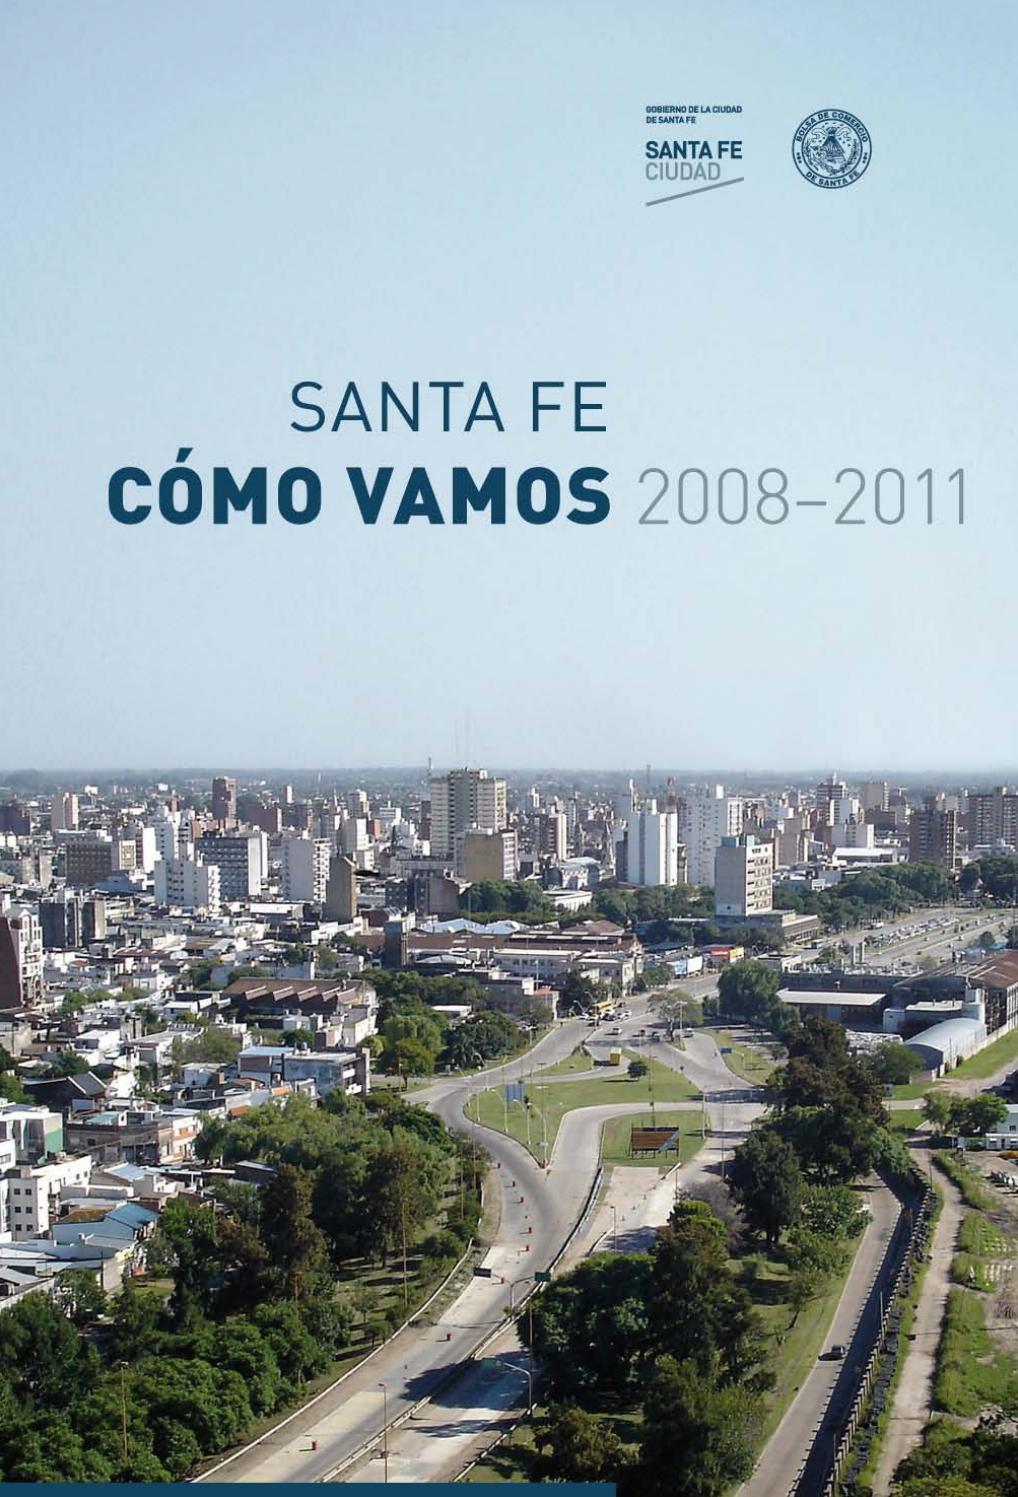 Santa Fe Cómo Vamos 2008 2011 By Santa Fe Ciudad Issuu